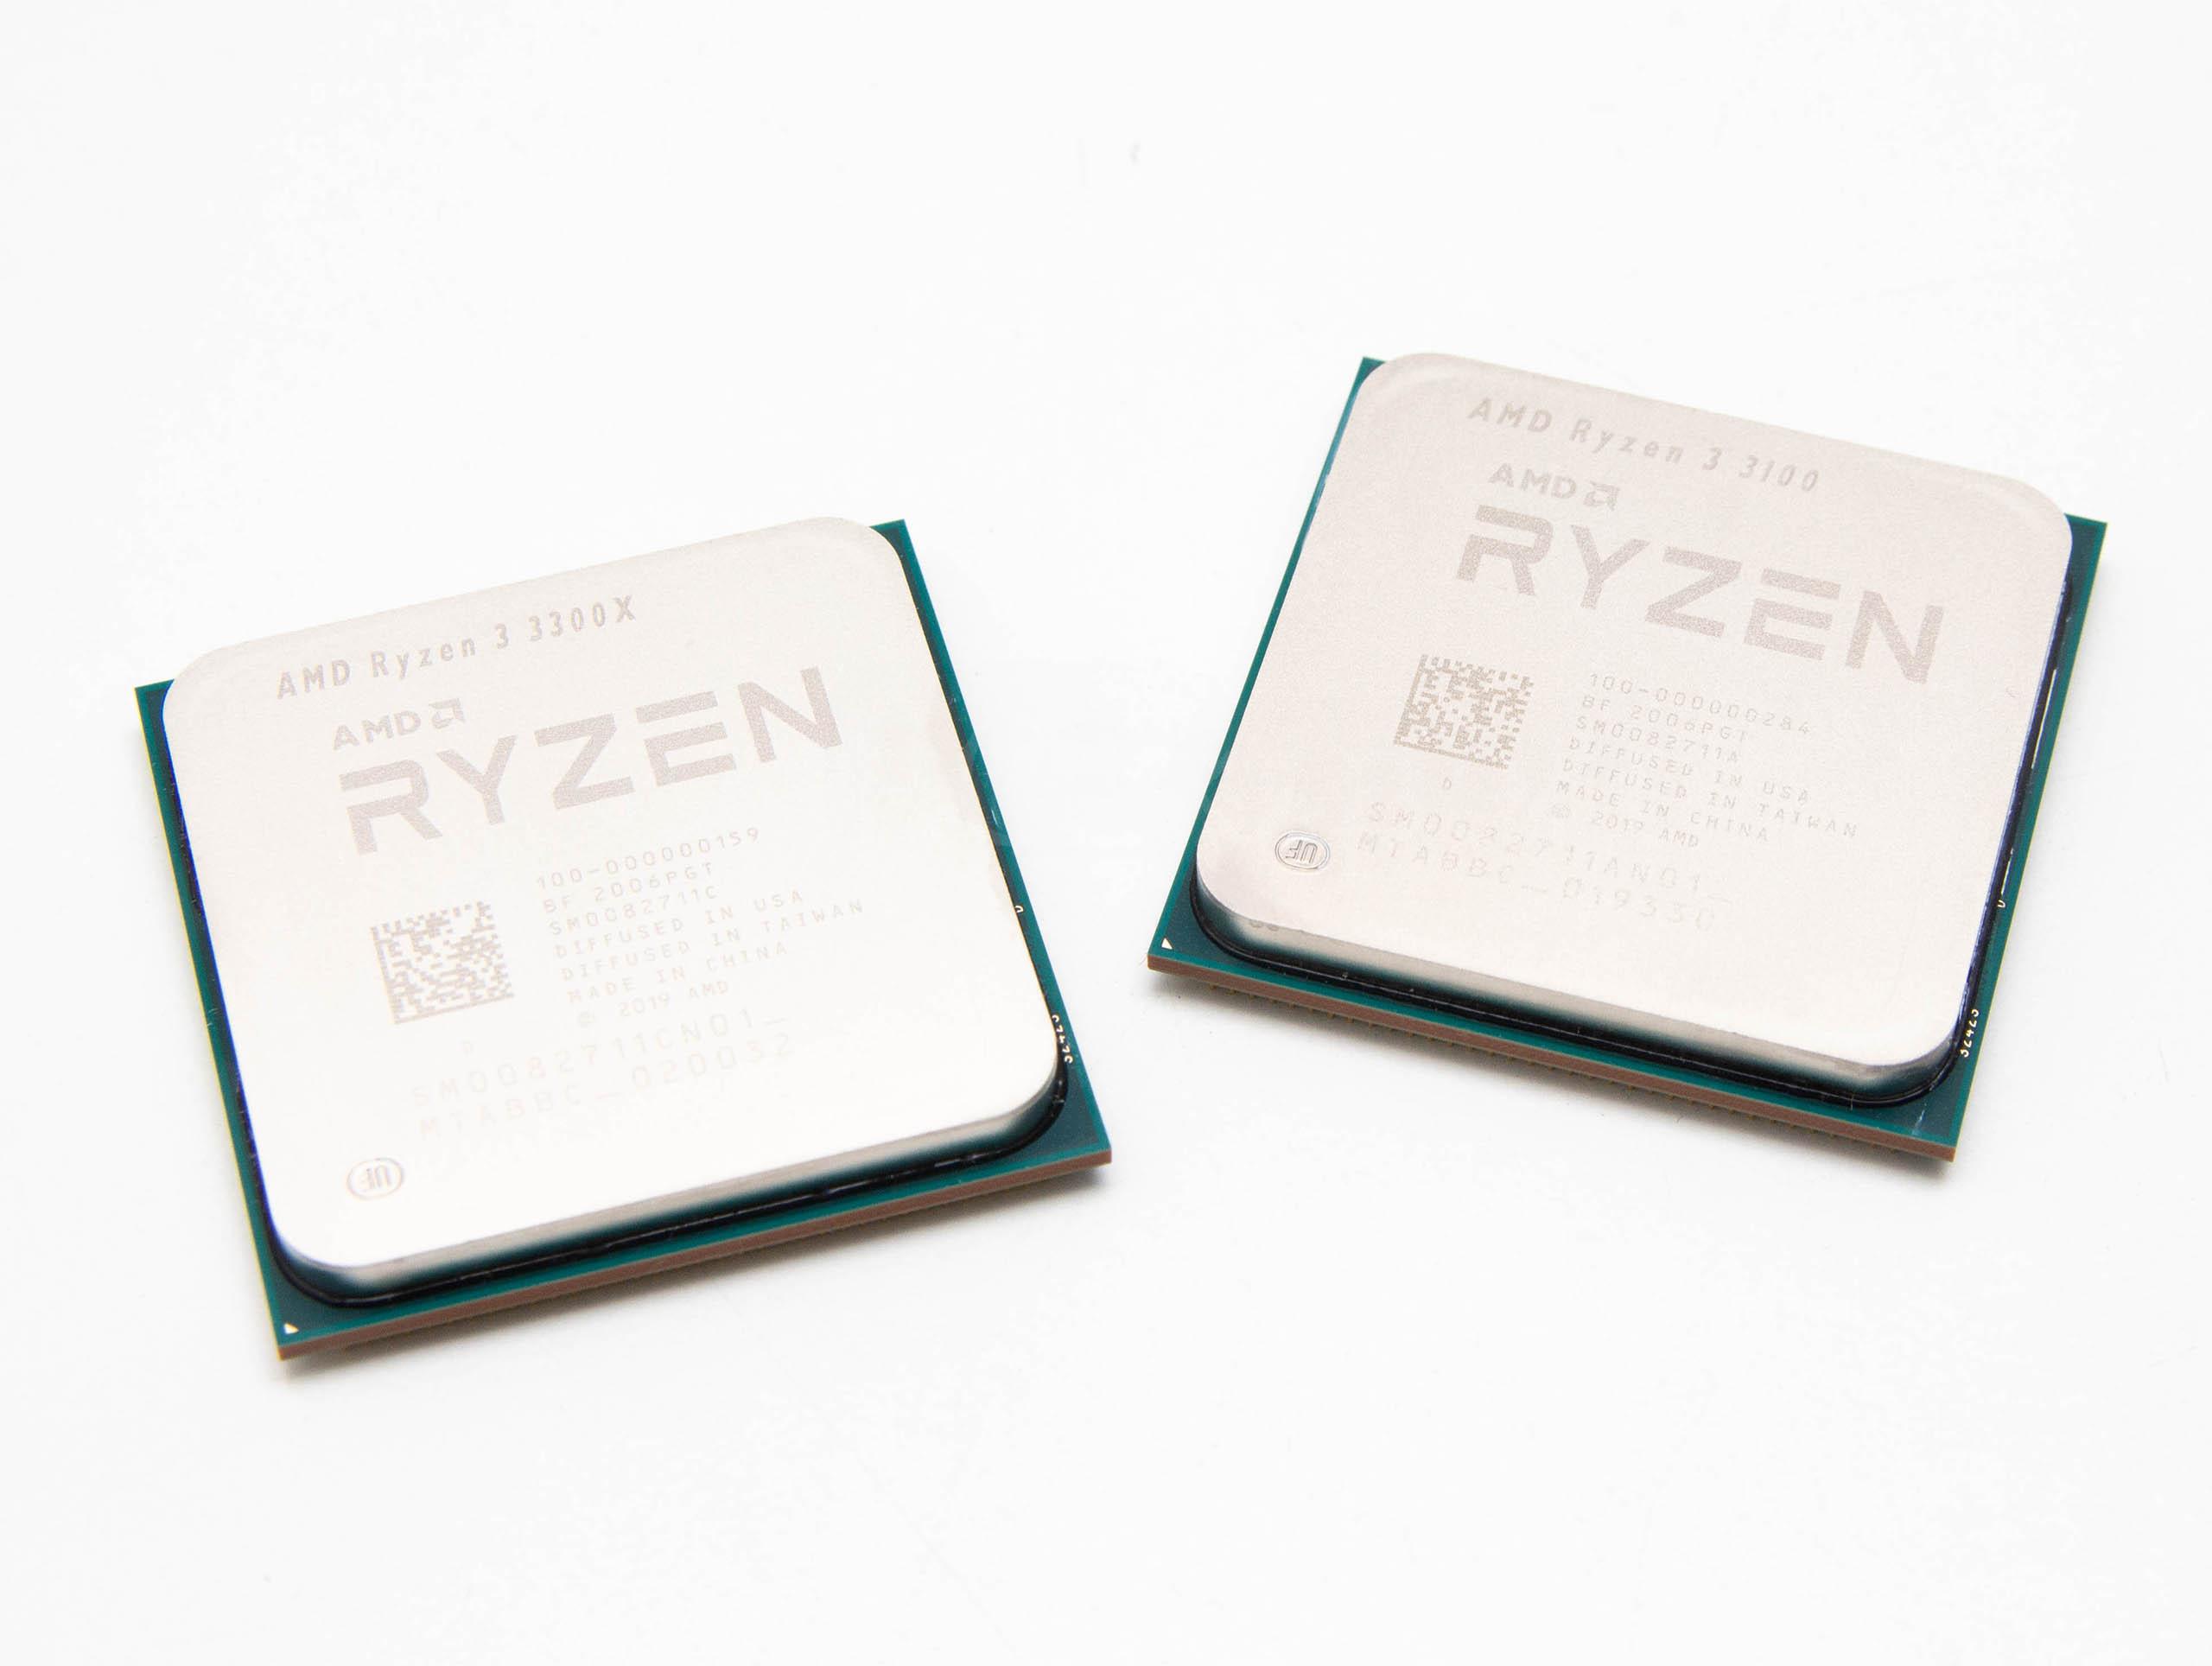 AMD Ryzen 3 3100 & 3300X recenzija